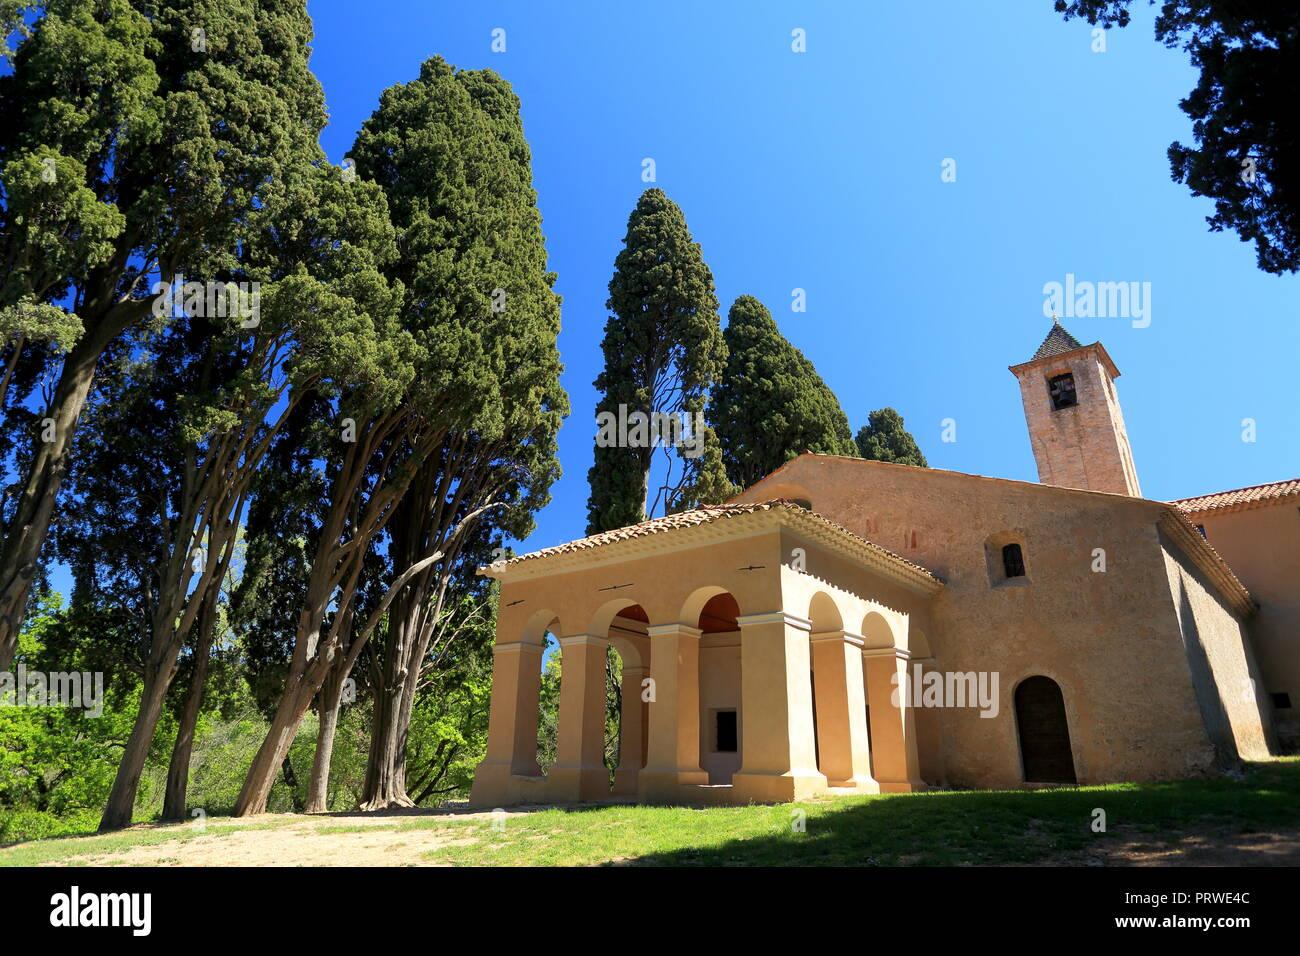 Notre Dame de vie, Mougins, 06, Alpes-Maritimes, Cote d'azur, PACA, - Stock Image